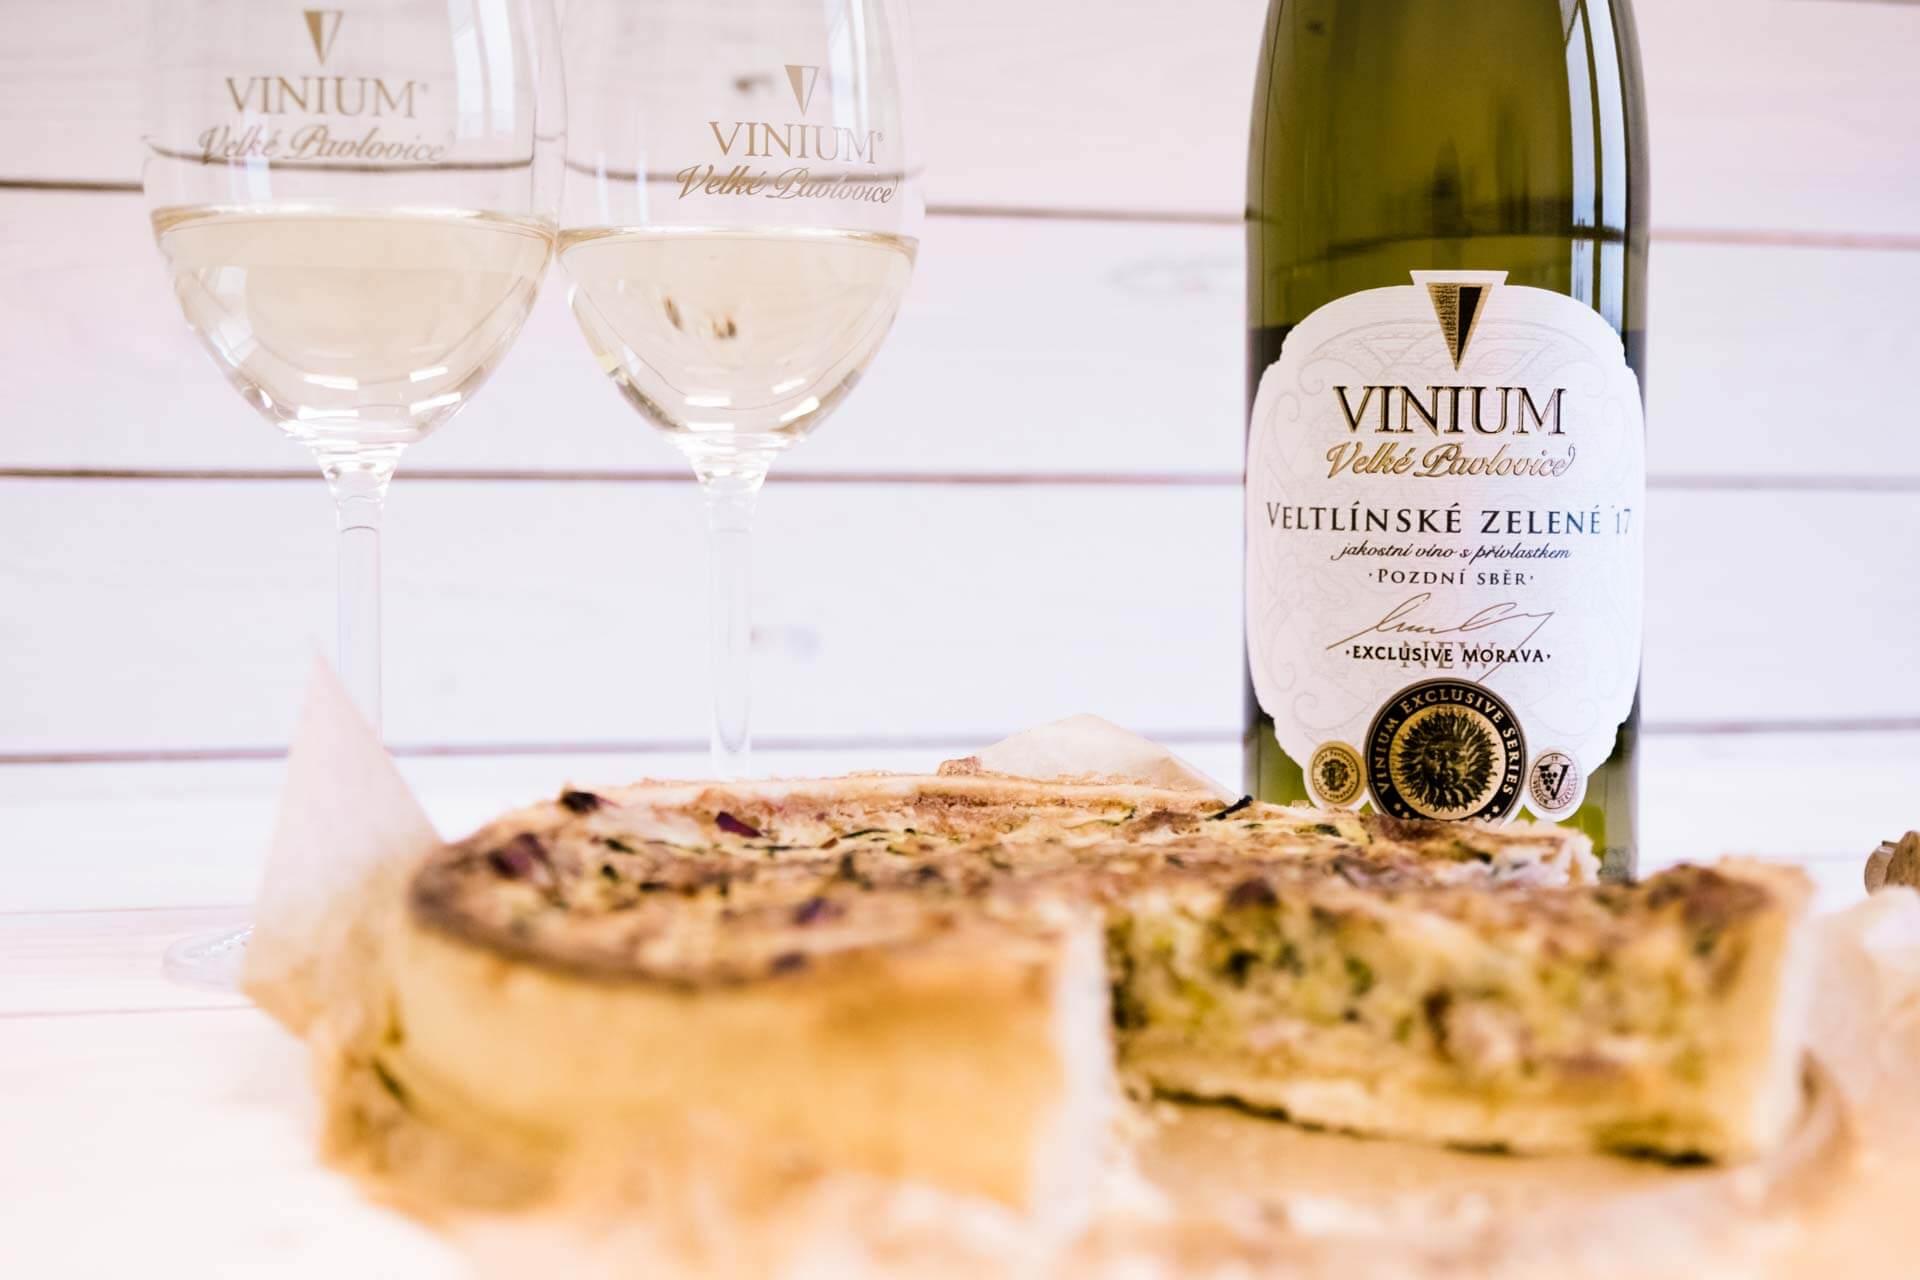 Foto ke článku 5, recept quiche, slaný koláč, Veltlínské zelené, VINIUM